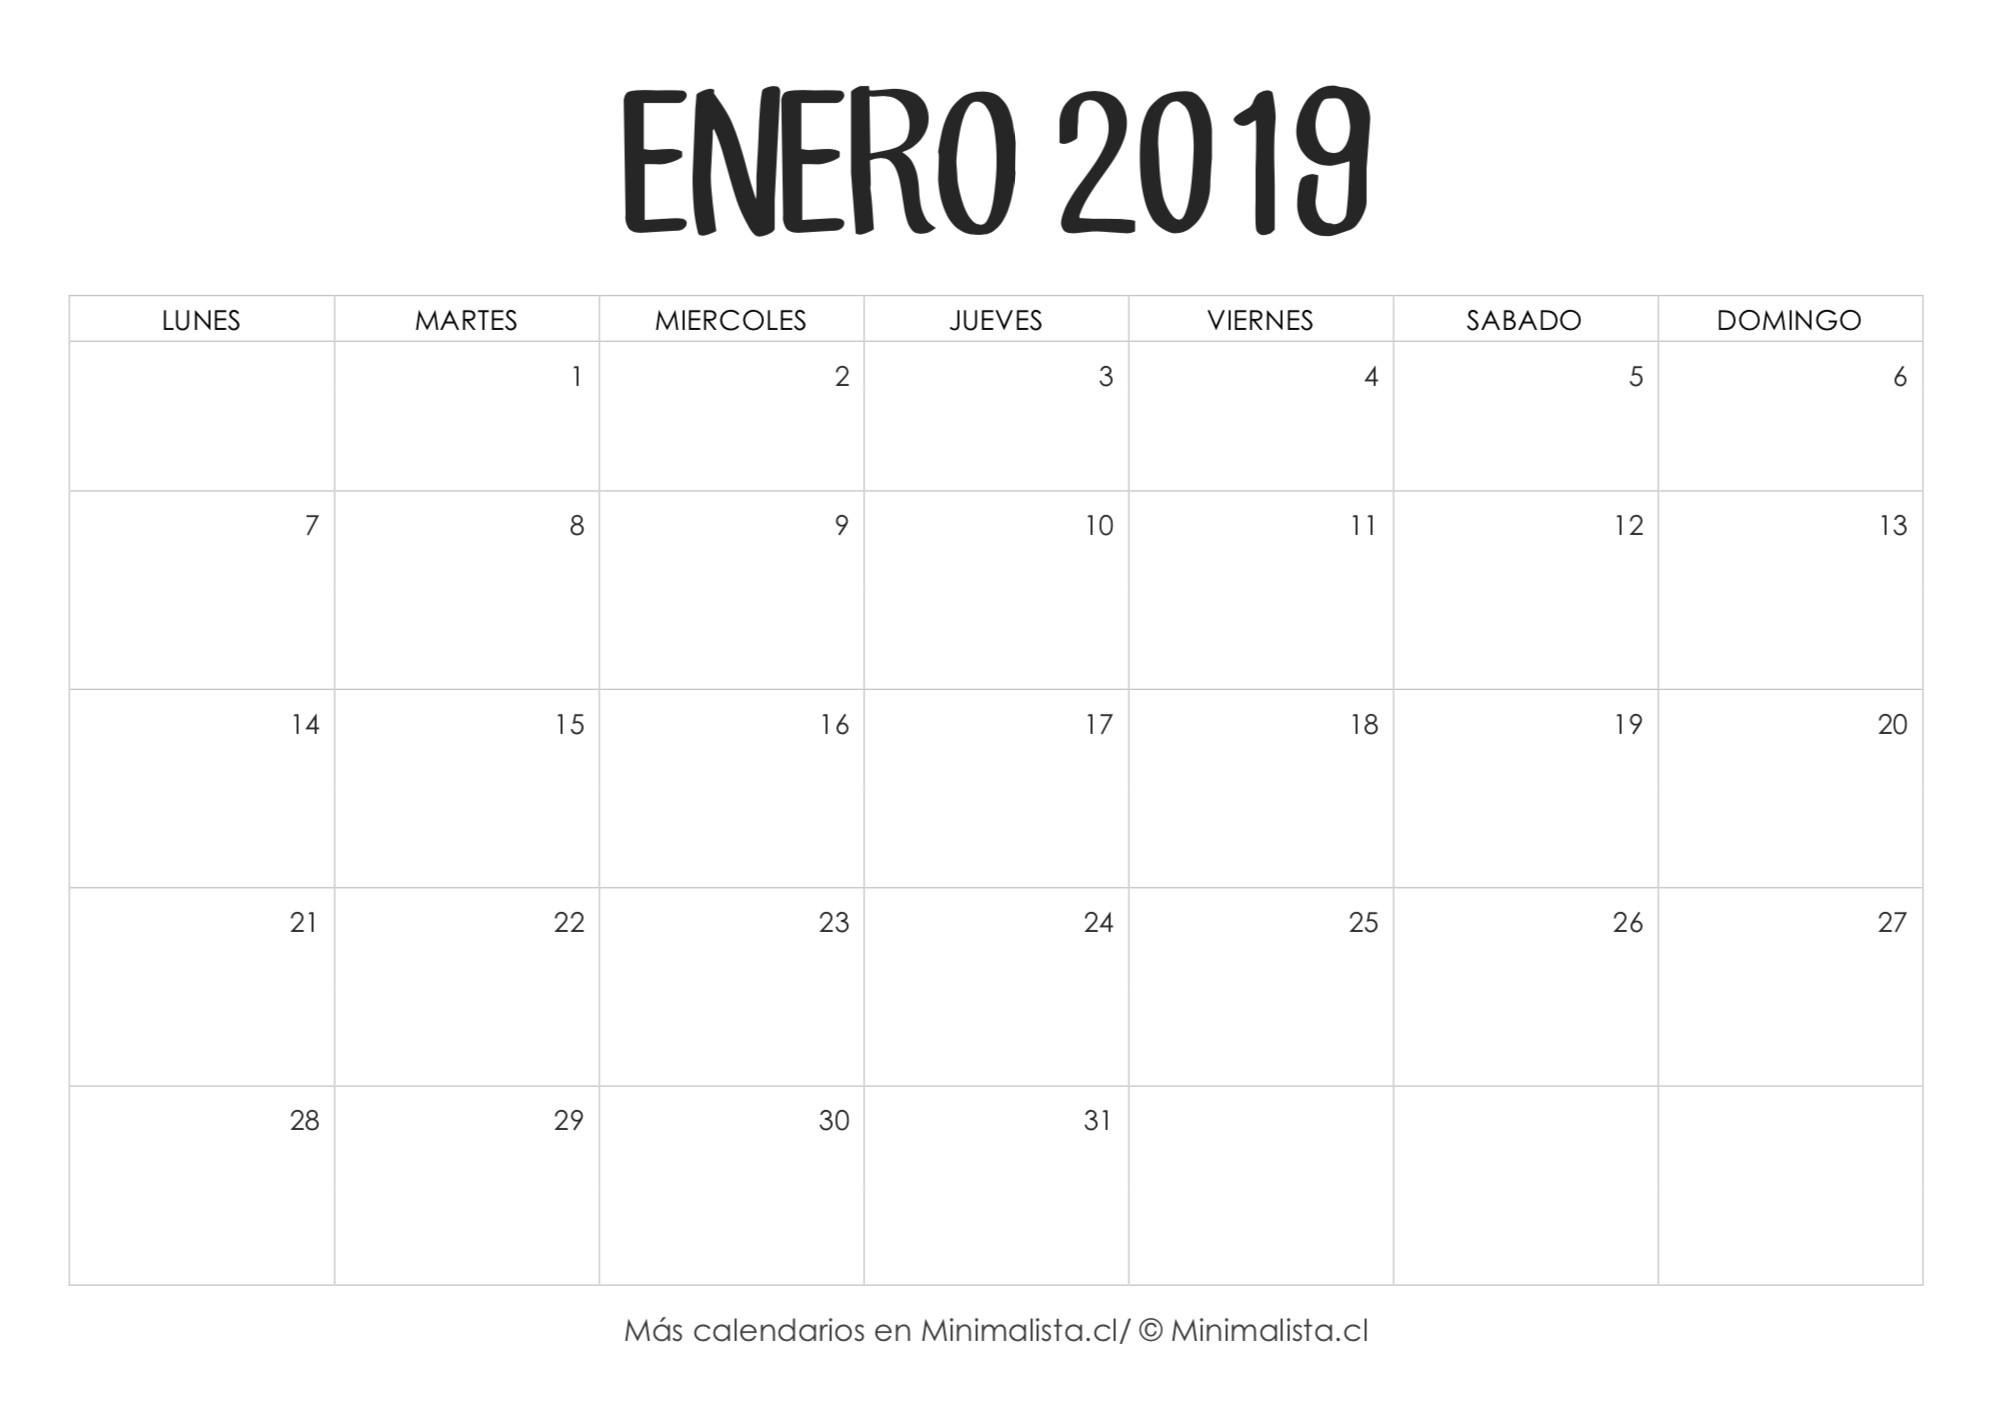 Imprimir Calendario De Enero 2019 Más Recientes Best Calendario Enero 2019 Para Imprimir Gratis Image Collection Of Imprimir Calendario De Enero 2019 Actual Informaci³n Make A 2019 Calendar In Excel